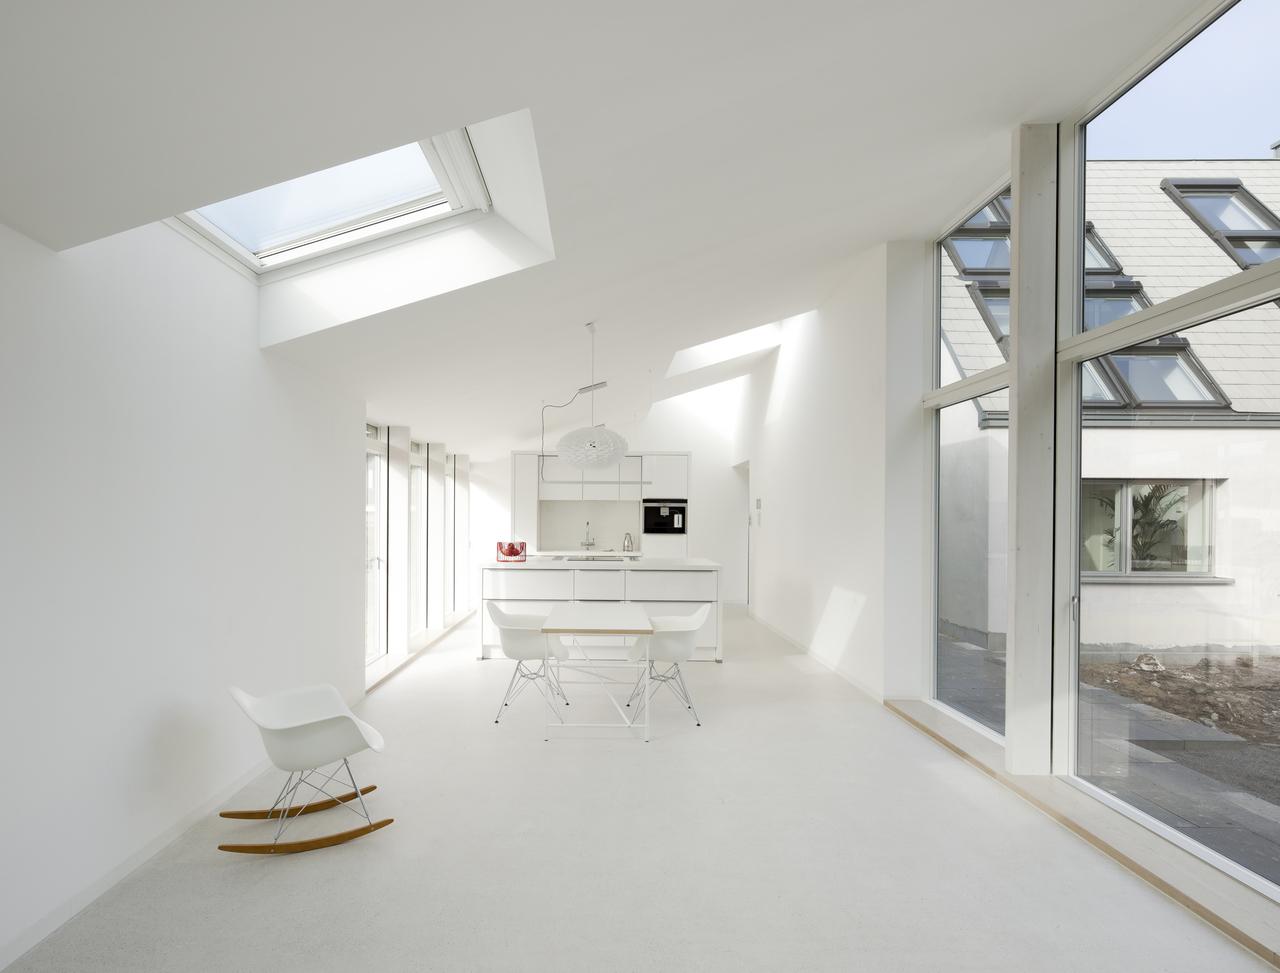 Finestre sul tetto per illuminare la cucina - Luce per cucina ...